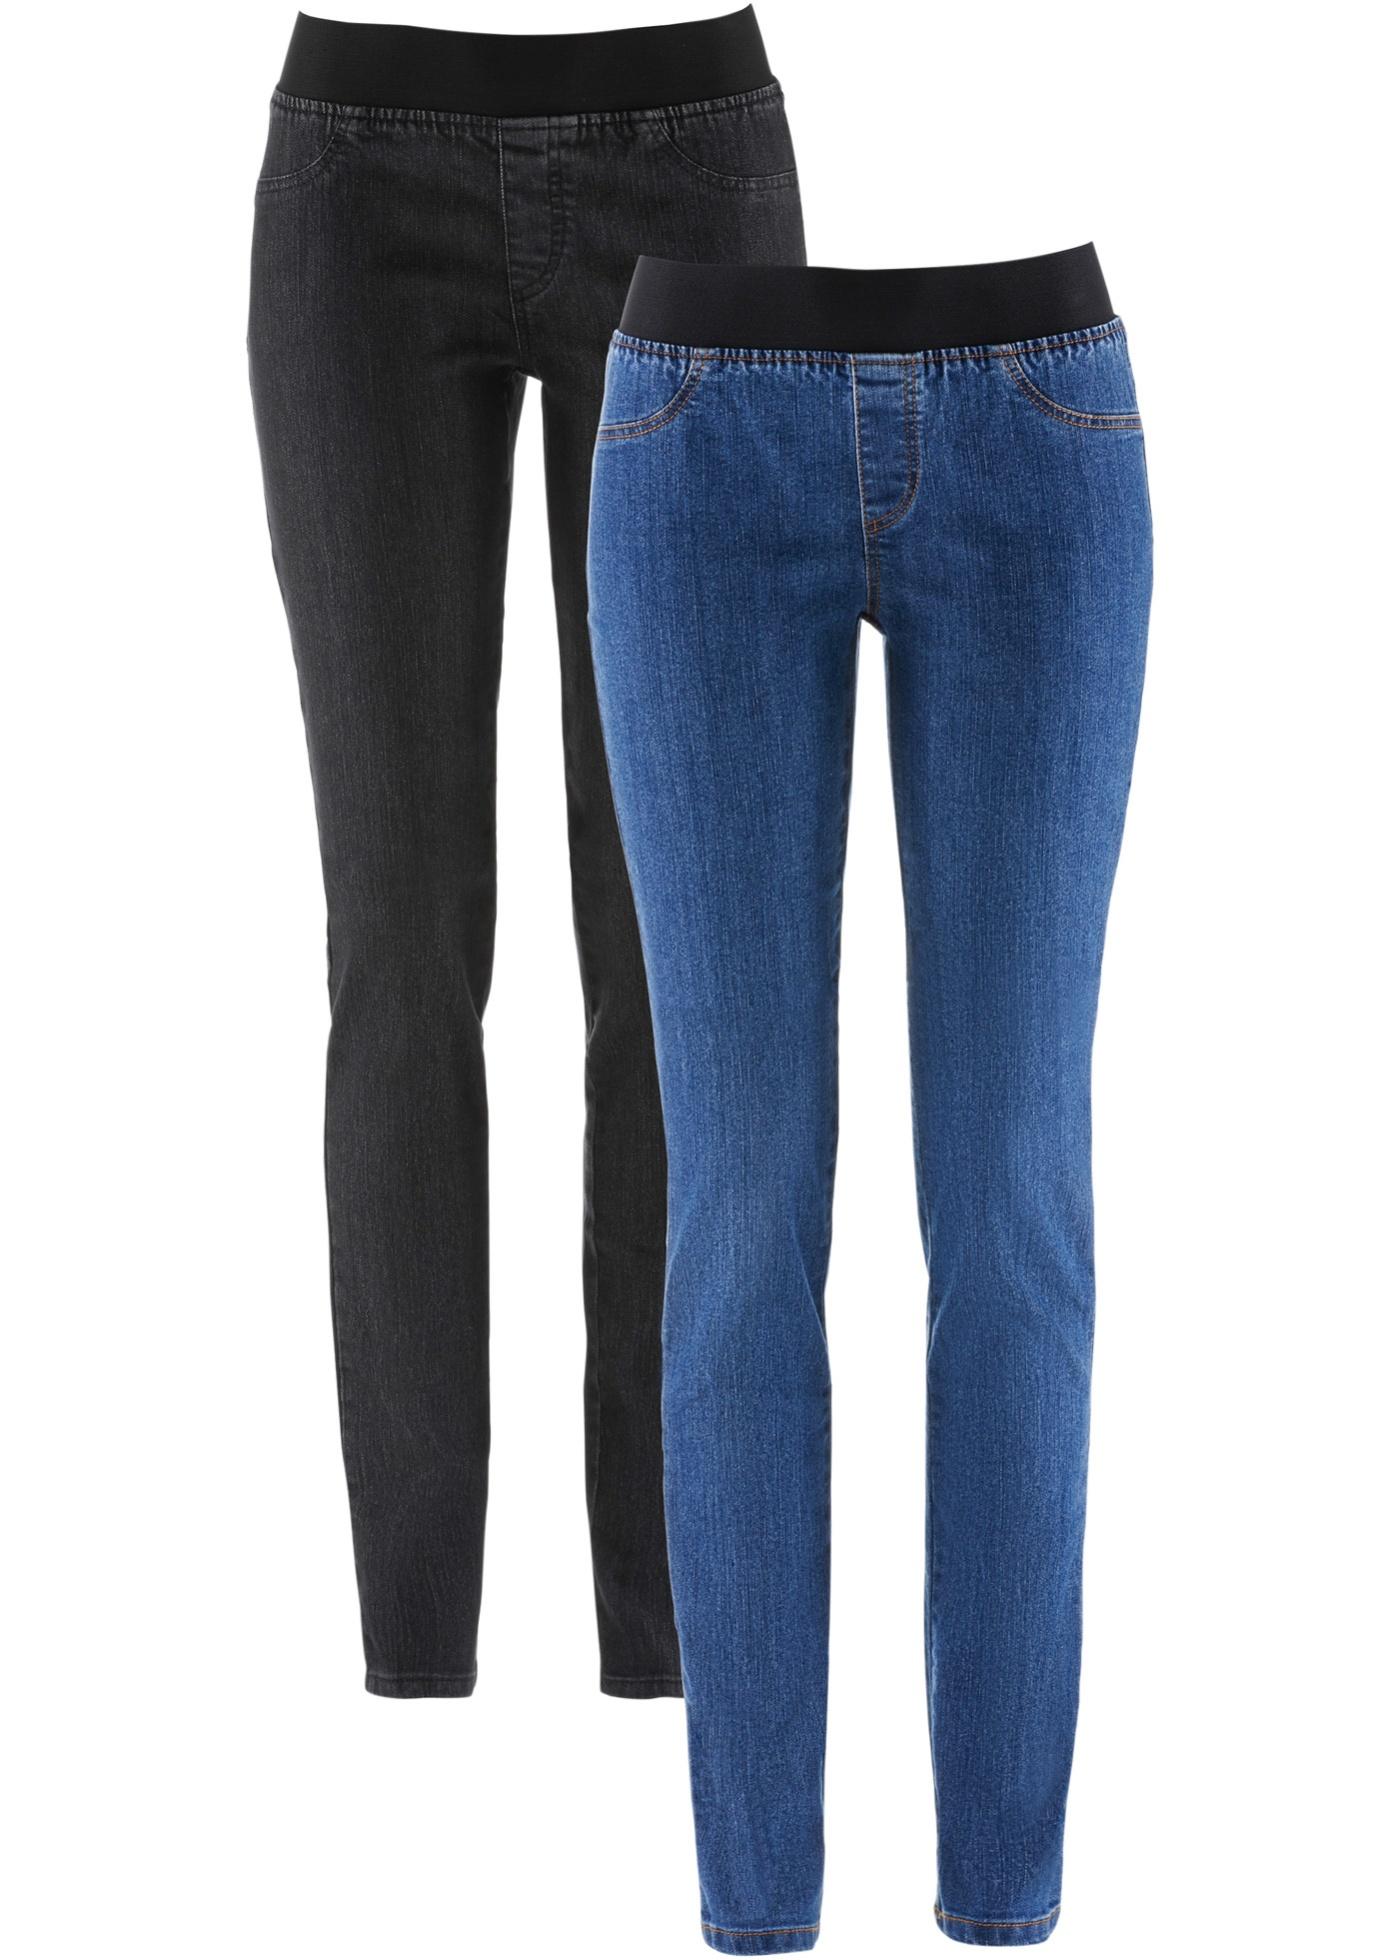 Jeansleggings, 2-pack, John Baner JEANSWEAR, blue stone/black stone